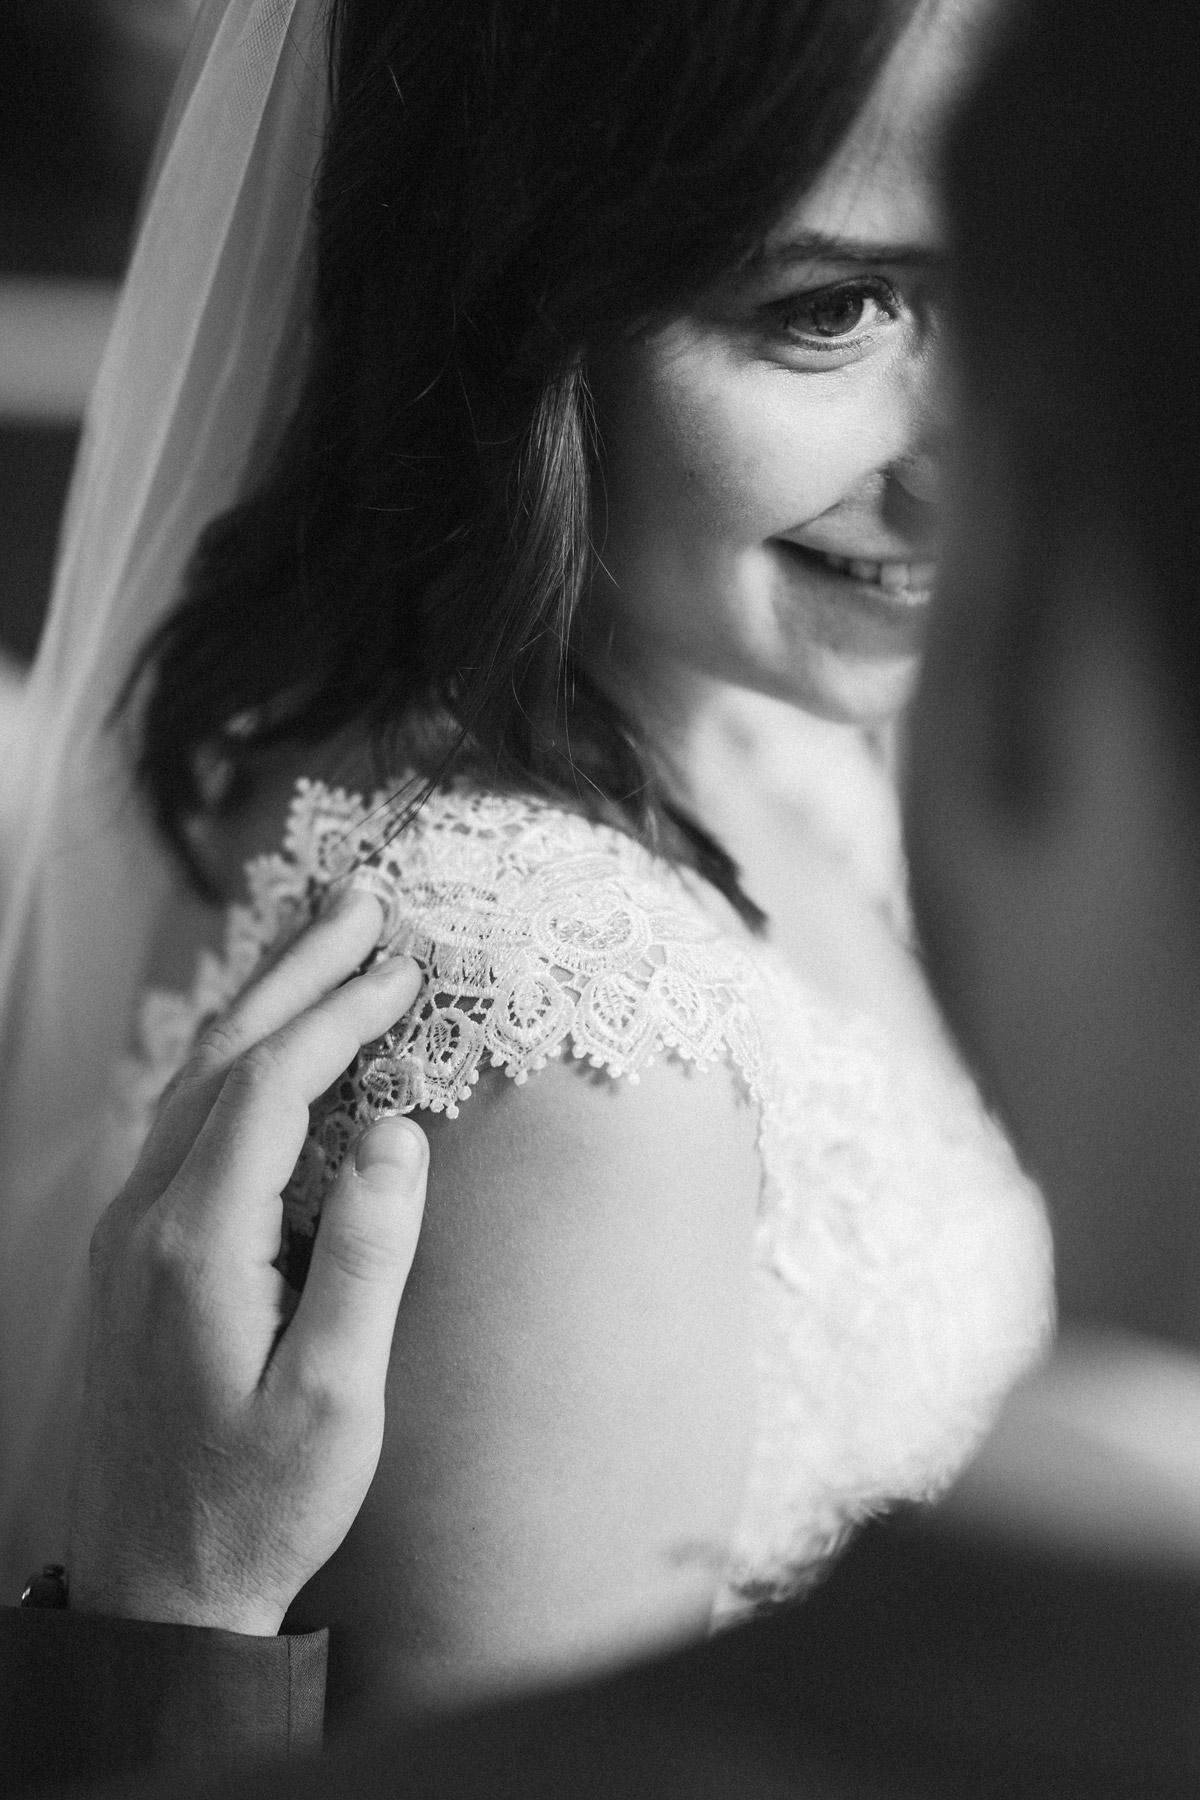 Brautportrait: natürliches Braut Make up und offene Haare mit langem Schleier #beautyrealbride verliebter Braut Blick - Hochzeitsfotos und Hochzeitsvideos aus Berlin © www.hochzeitslicht.de #hochzeitslicht